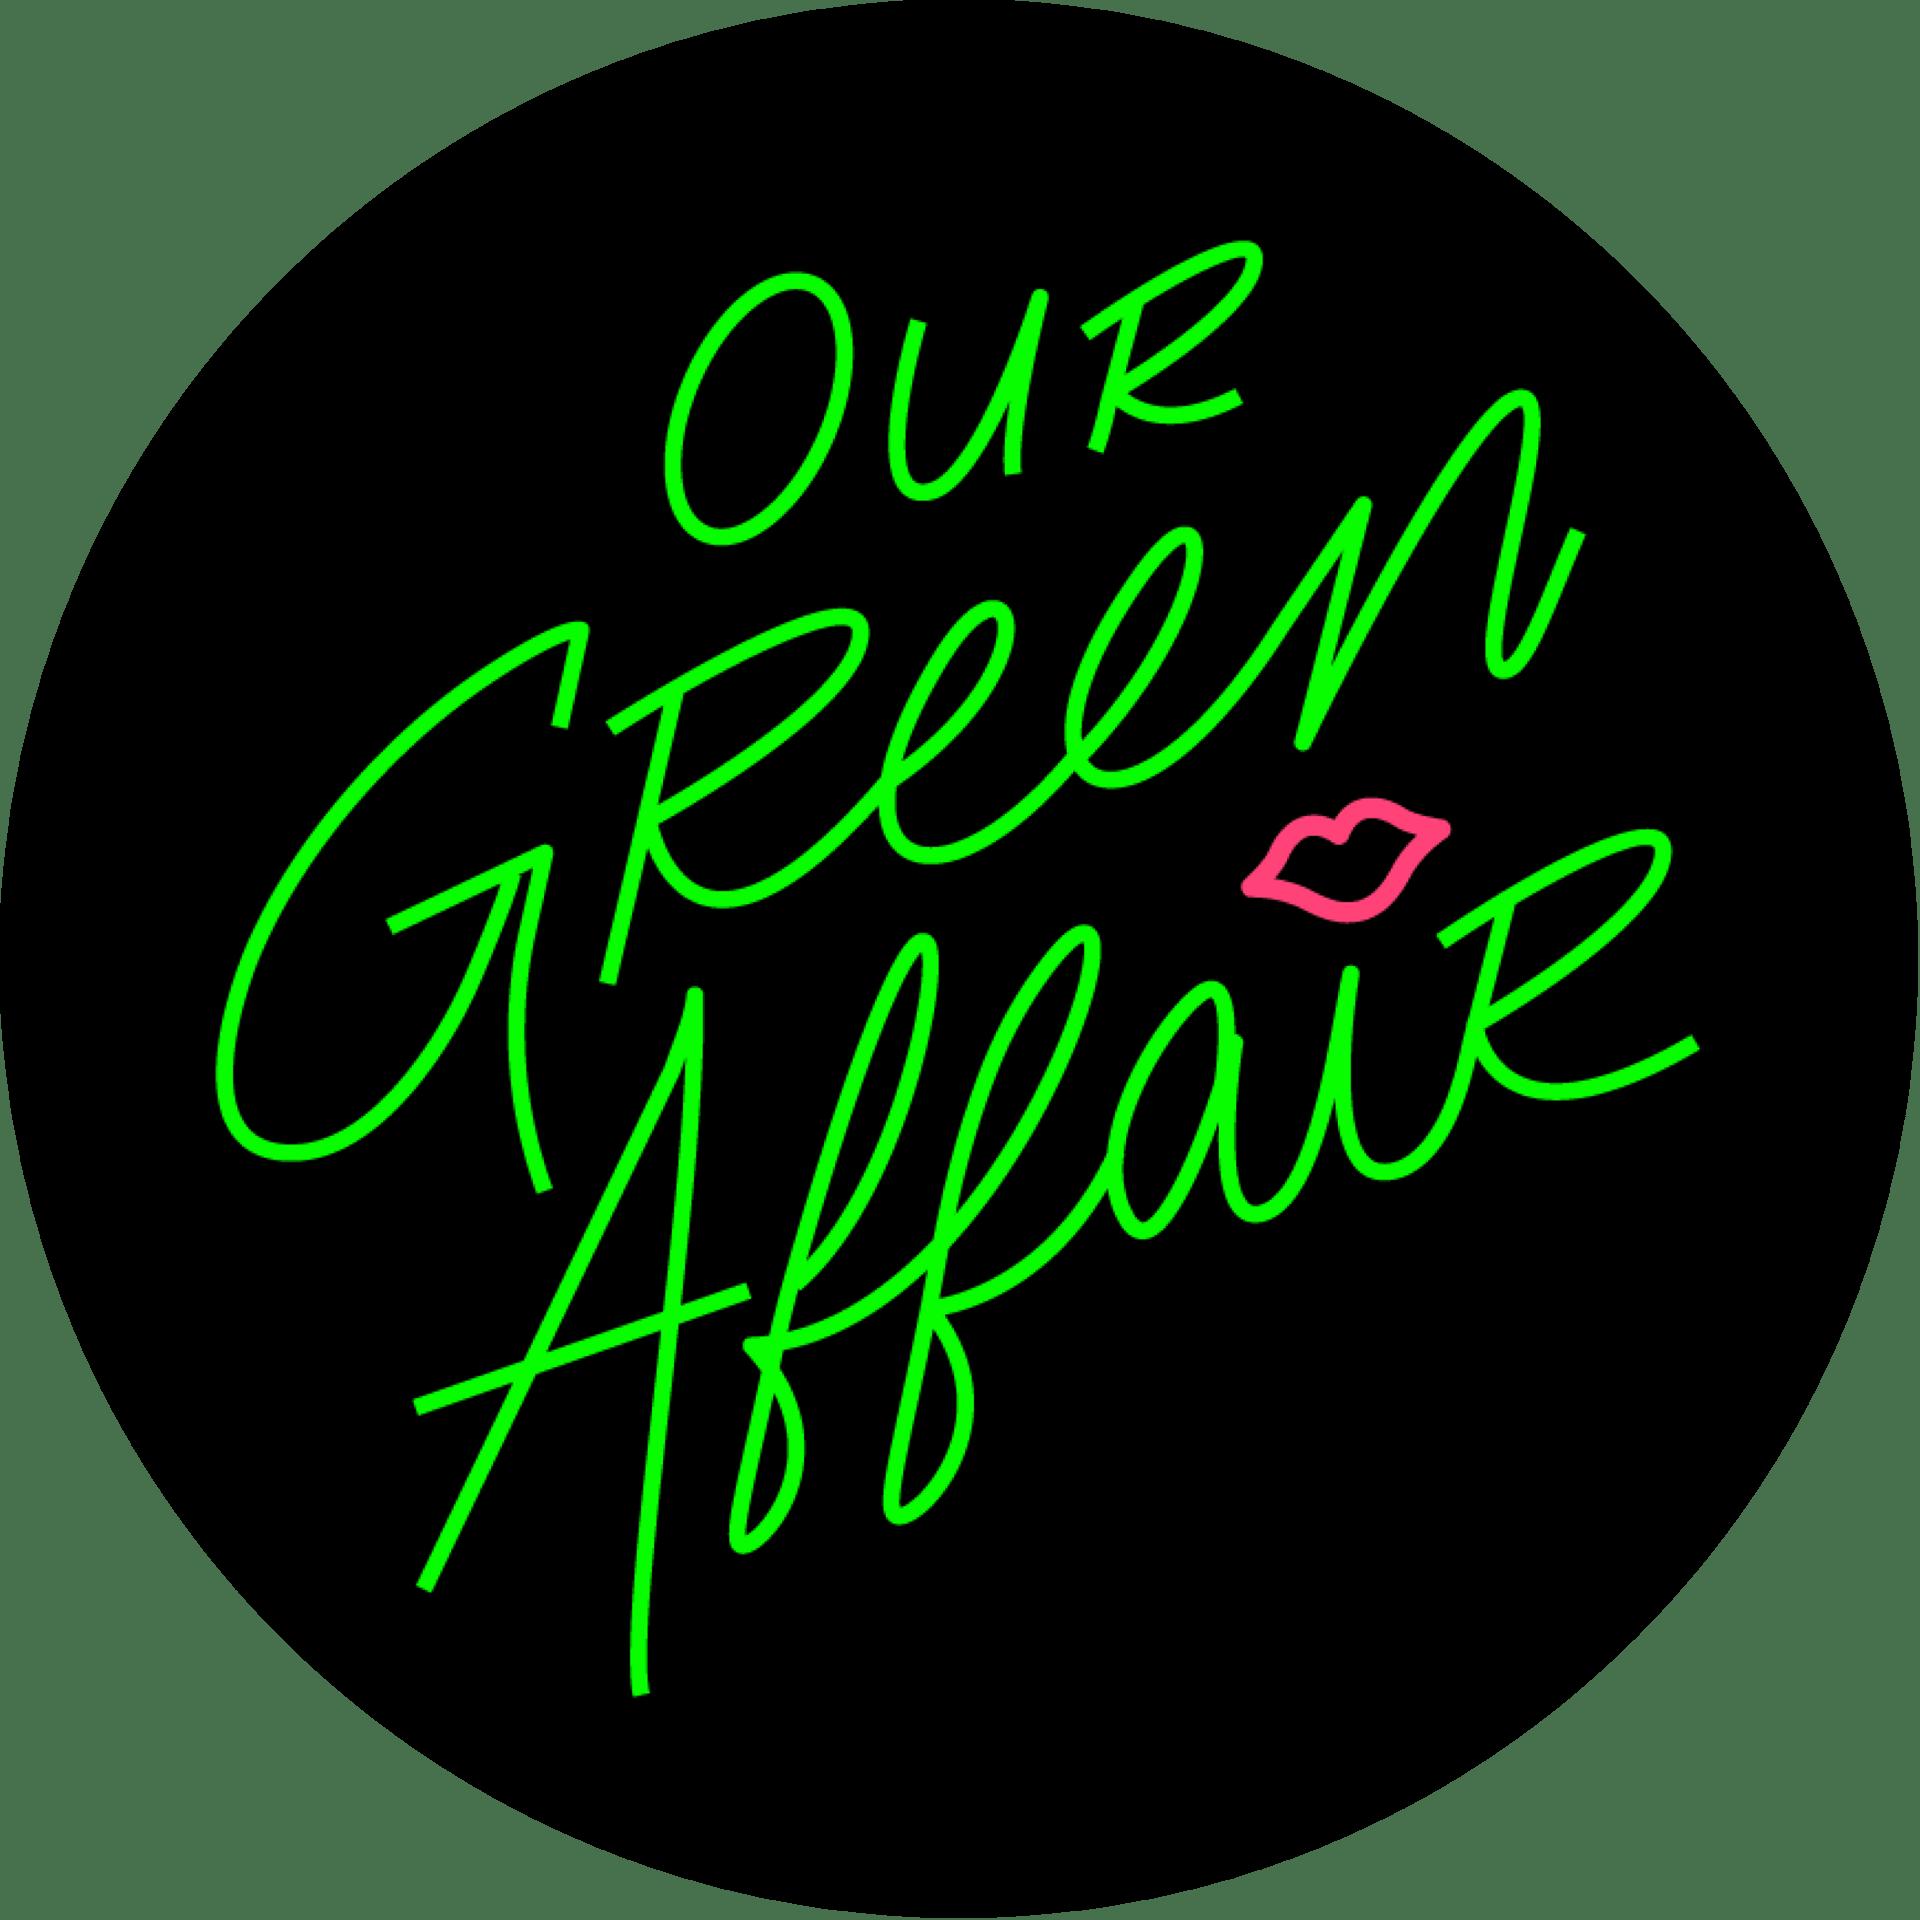 our Green Affair logo